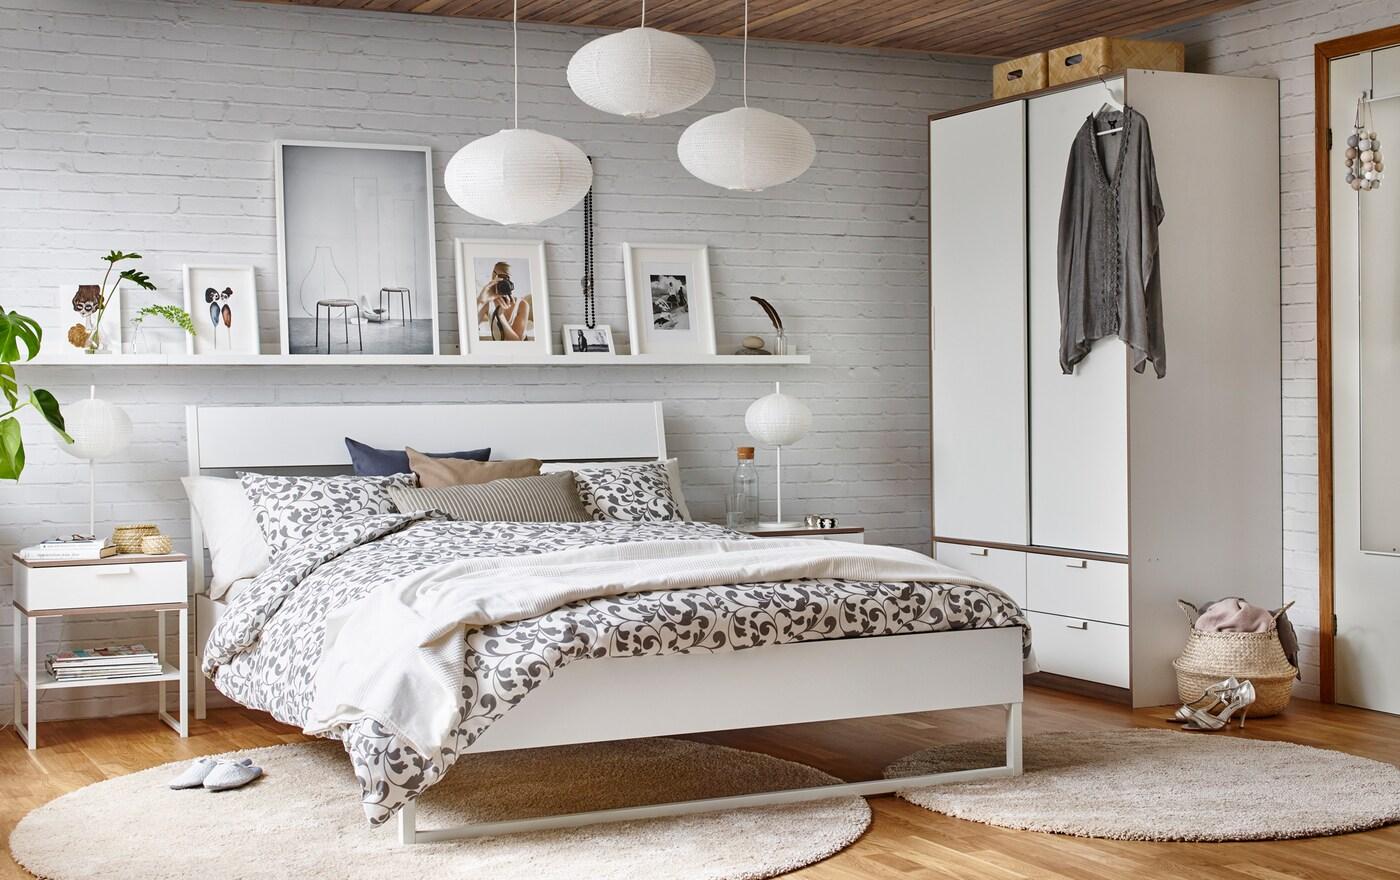 TRYSIL Bettgestell In Weiß/Hellgrau In Einem Schlafzimmer Mit Weißen Wänden  Und Holzfußboden